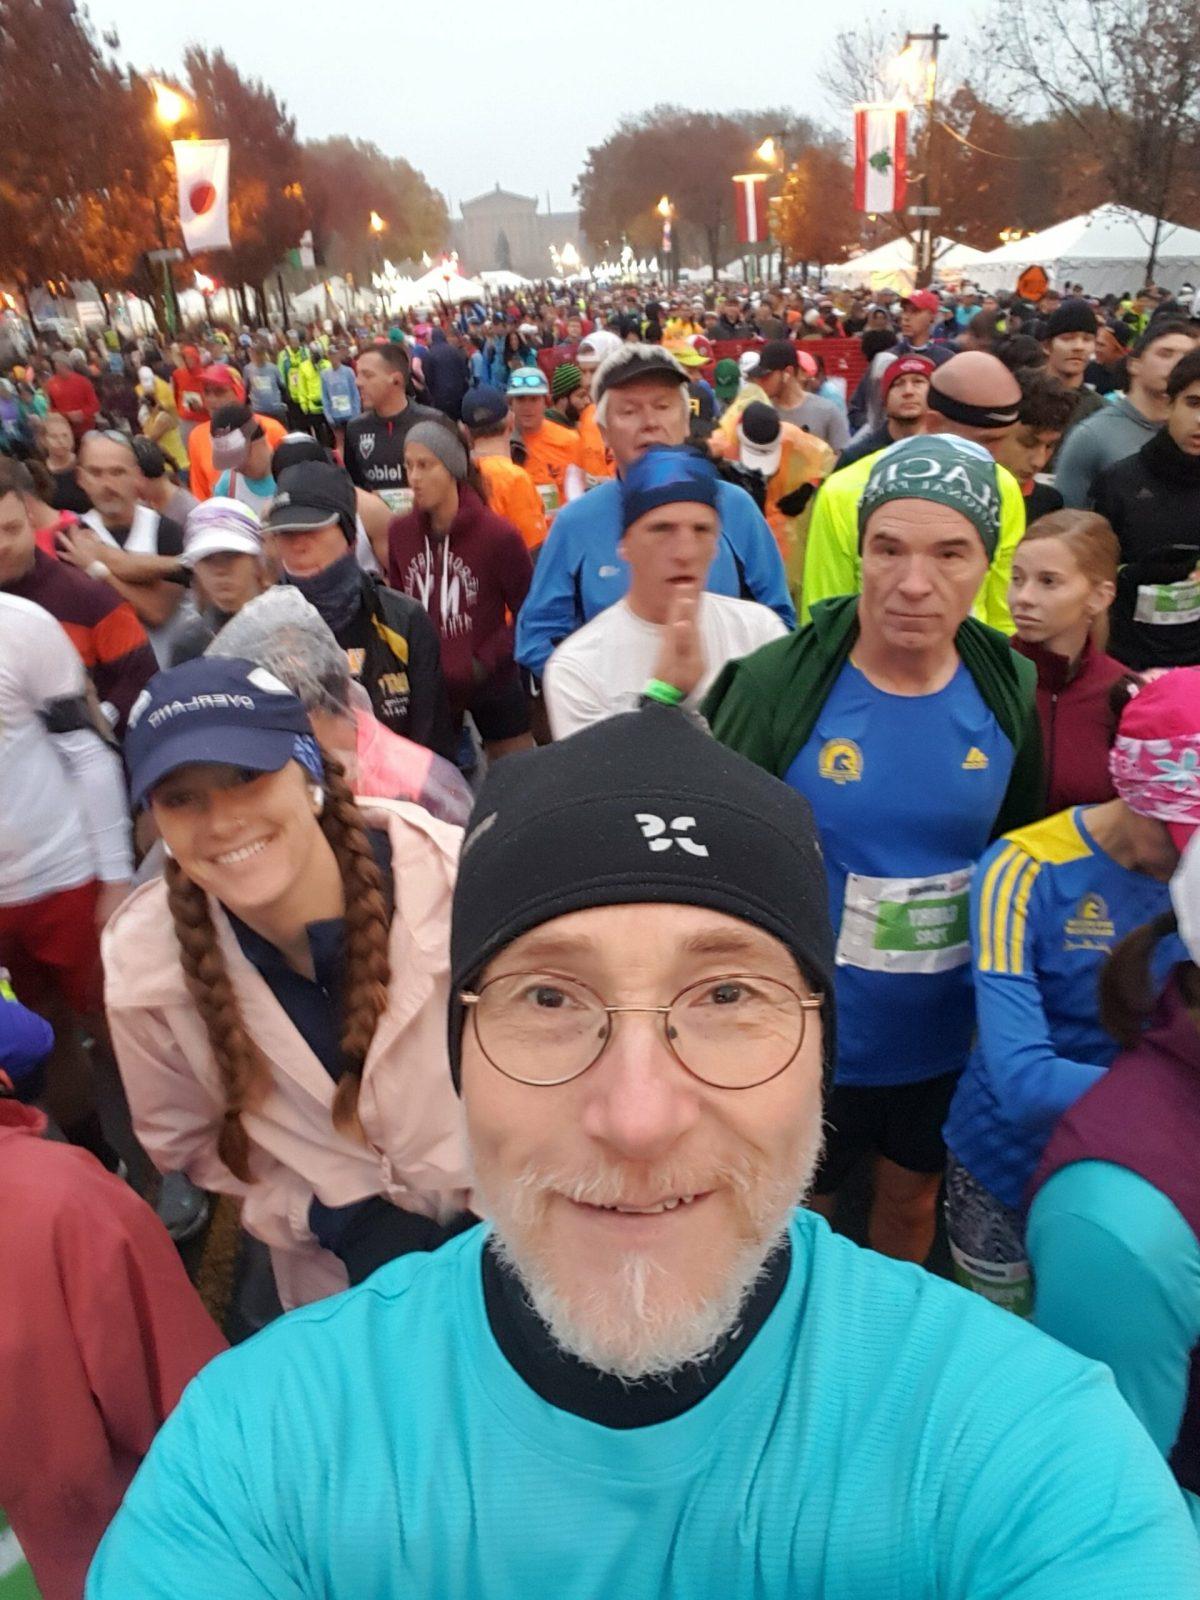 I got photo crashed at The Philadelphia Marathon 2019